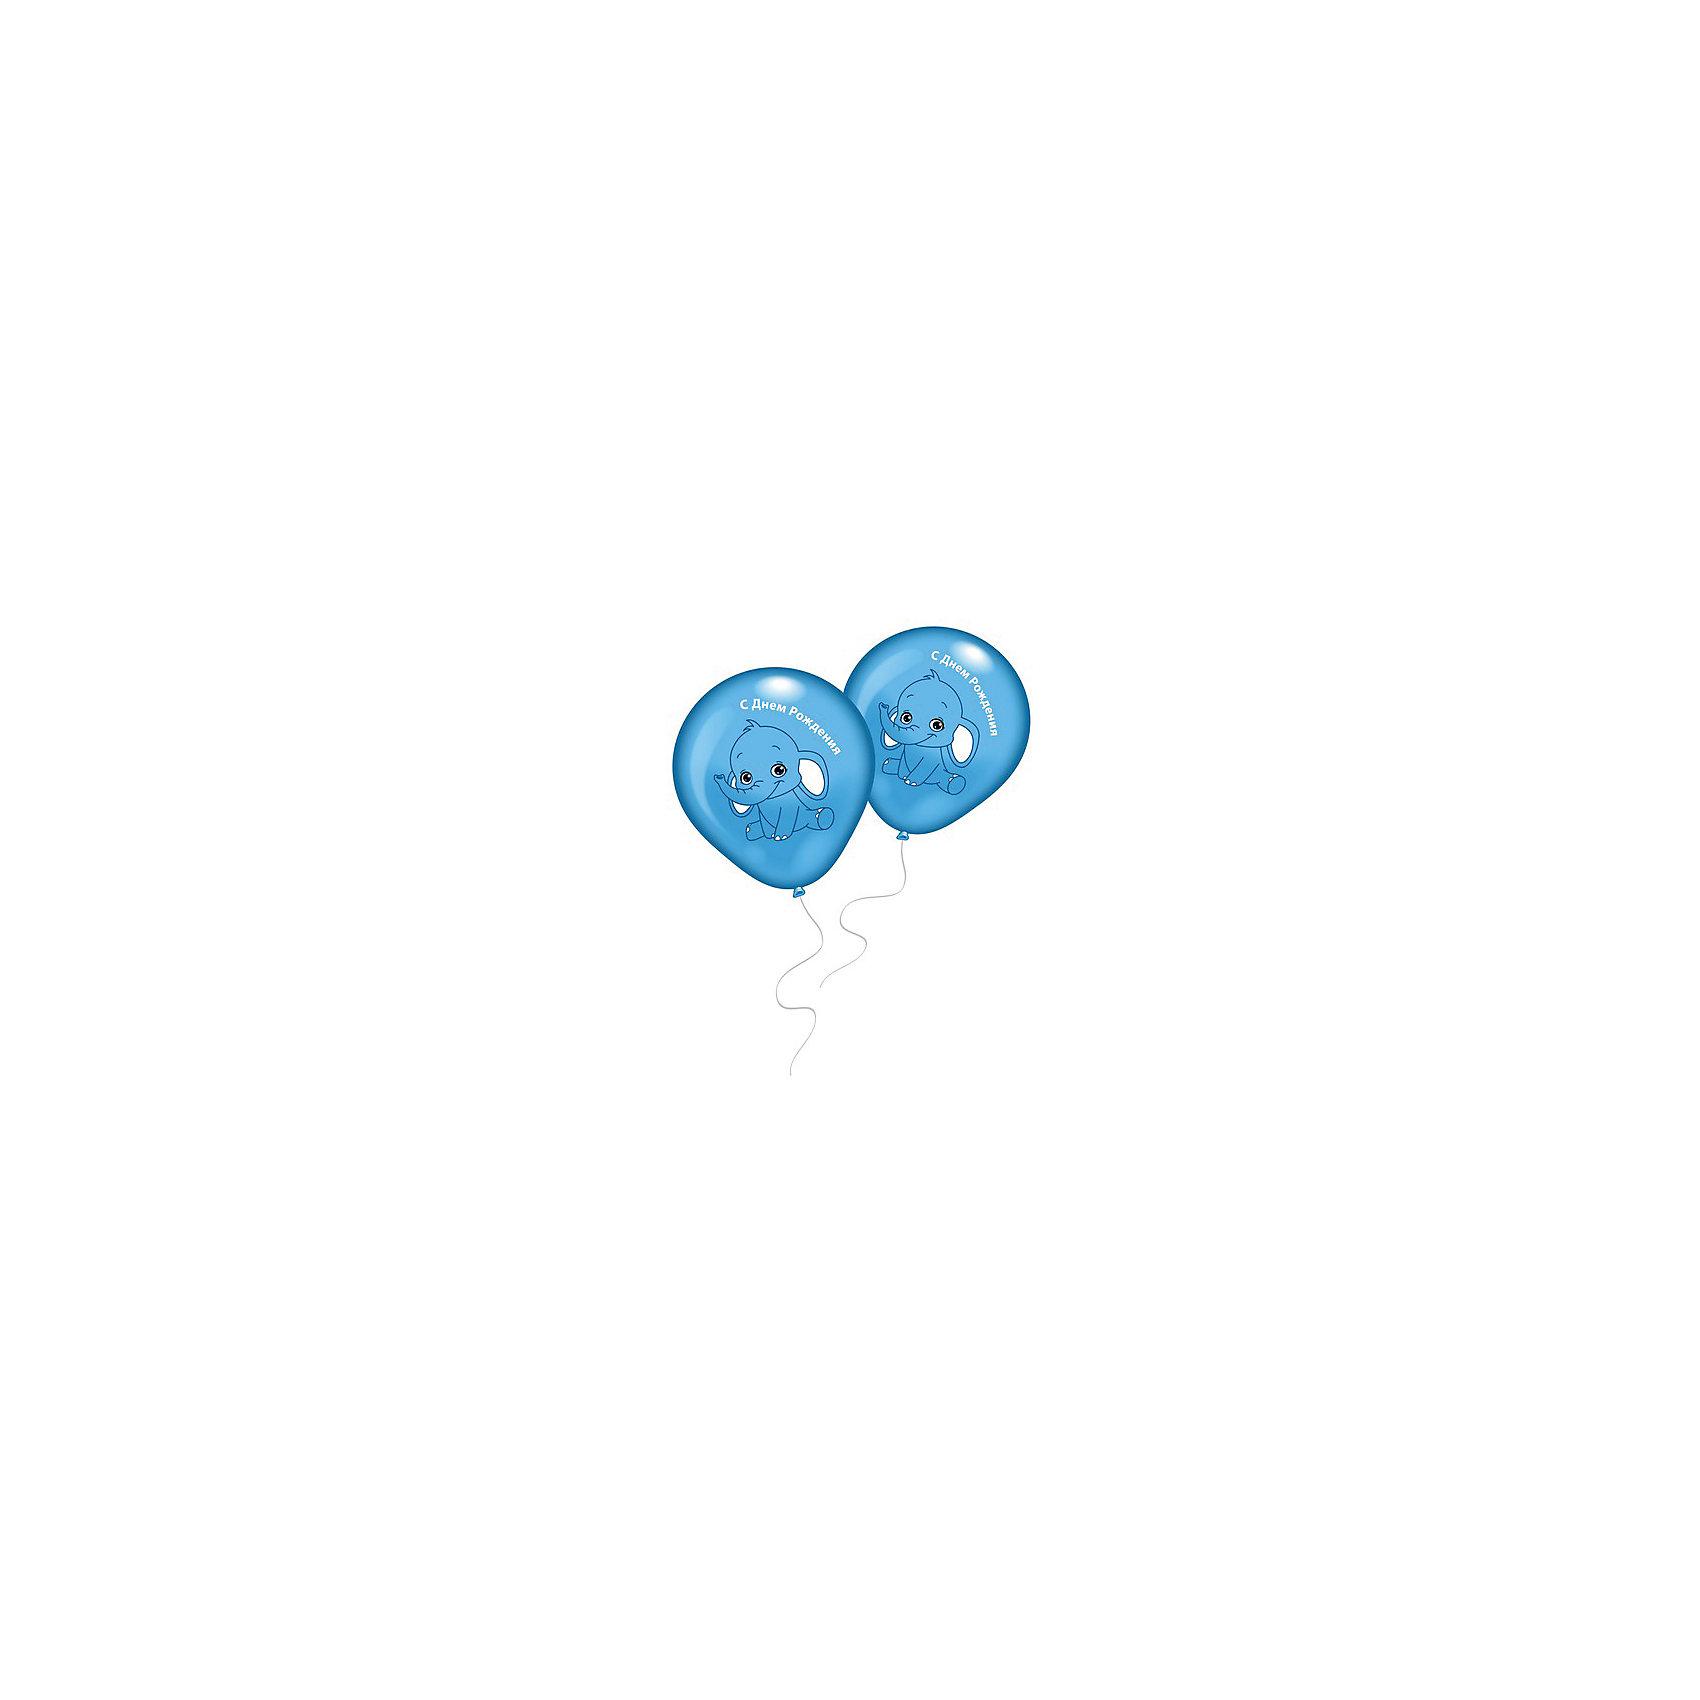 8 шариков с рисунком Голубой слоненокВсё для праздника<br>Характеристики товара:<br><br>• возраст: от 3 лет;<br>• упаковка: пакет;<br>• размер упаковки: 20х12х1 см.;<br>• количество шаров: 8 шт.;<br>• высота свечки: 6 см.;<br>• цвет: голубой;<br>• состав: латекс 100%;<br>• бренд, страна: Everts, Россия;<br>• страна-производитель: США.<br><br>Набор из 8 шаров приятного голубого цвета с рисунком «Голубой слоненок» и надписью «С днем рождения» помогут ярко украсить комнату и подарят заряд радости позитива всем гостям вашего торжества.<br><br>Насыщенный цвет, легкое надувание и высококачественные материалы выгодно отличают их среди других праздничных аксессуаров. Вы можете надувать шарики самостоятельно или воспользоваться насосом от Everts, который быстро справится с задачей. <br><br>8 шаров «Голубой слоненок»,  Everts (Эвертс)  можно купить в нашем интернет-магазине.<br><br>Ширина мм: 120<br>Глубина мм: 200<br>Высота мм: 10<br>Вес г: 10<br>Возраст от месяцев: 36<br>Возраст до месяцев: 120<br>Пол: Унисекс<br>Возраст: Детский<br>SKU: 6912884